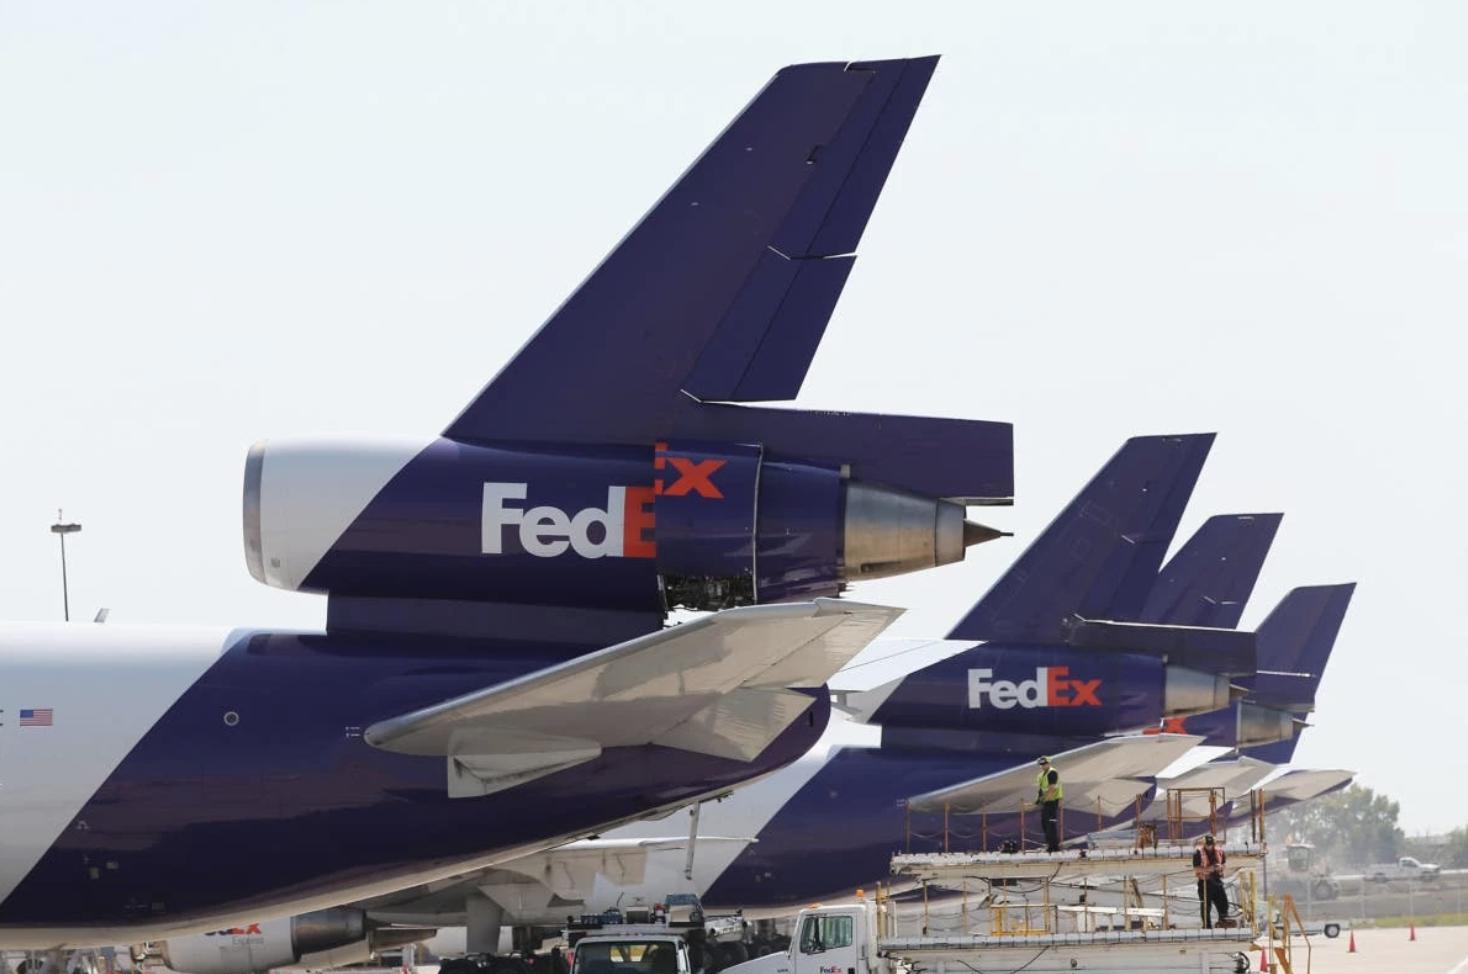 Incident: Hong Kong A333 and Fedex MD11 at Hong Kong on May 22nd 2020, loss of separation between ta